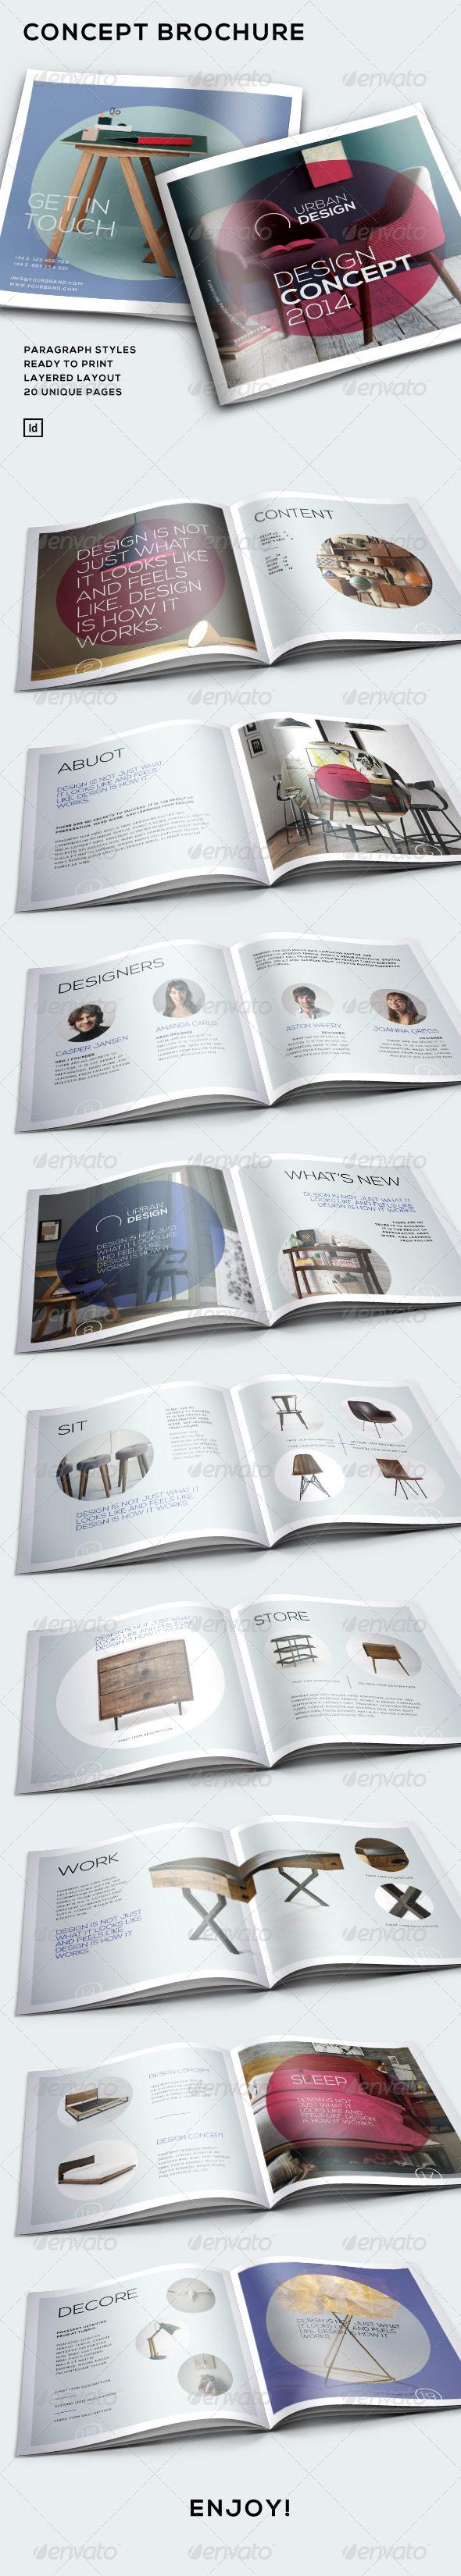 Concept Brochure - Portfolio Brochures